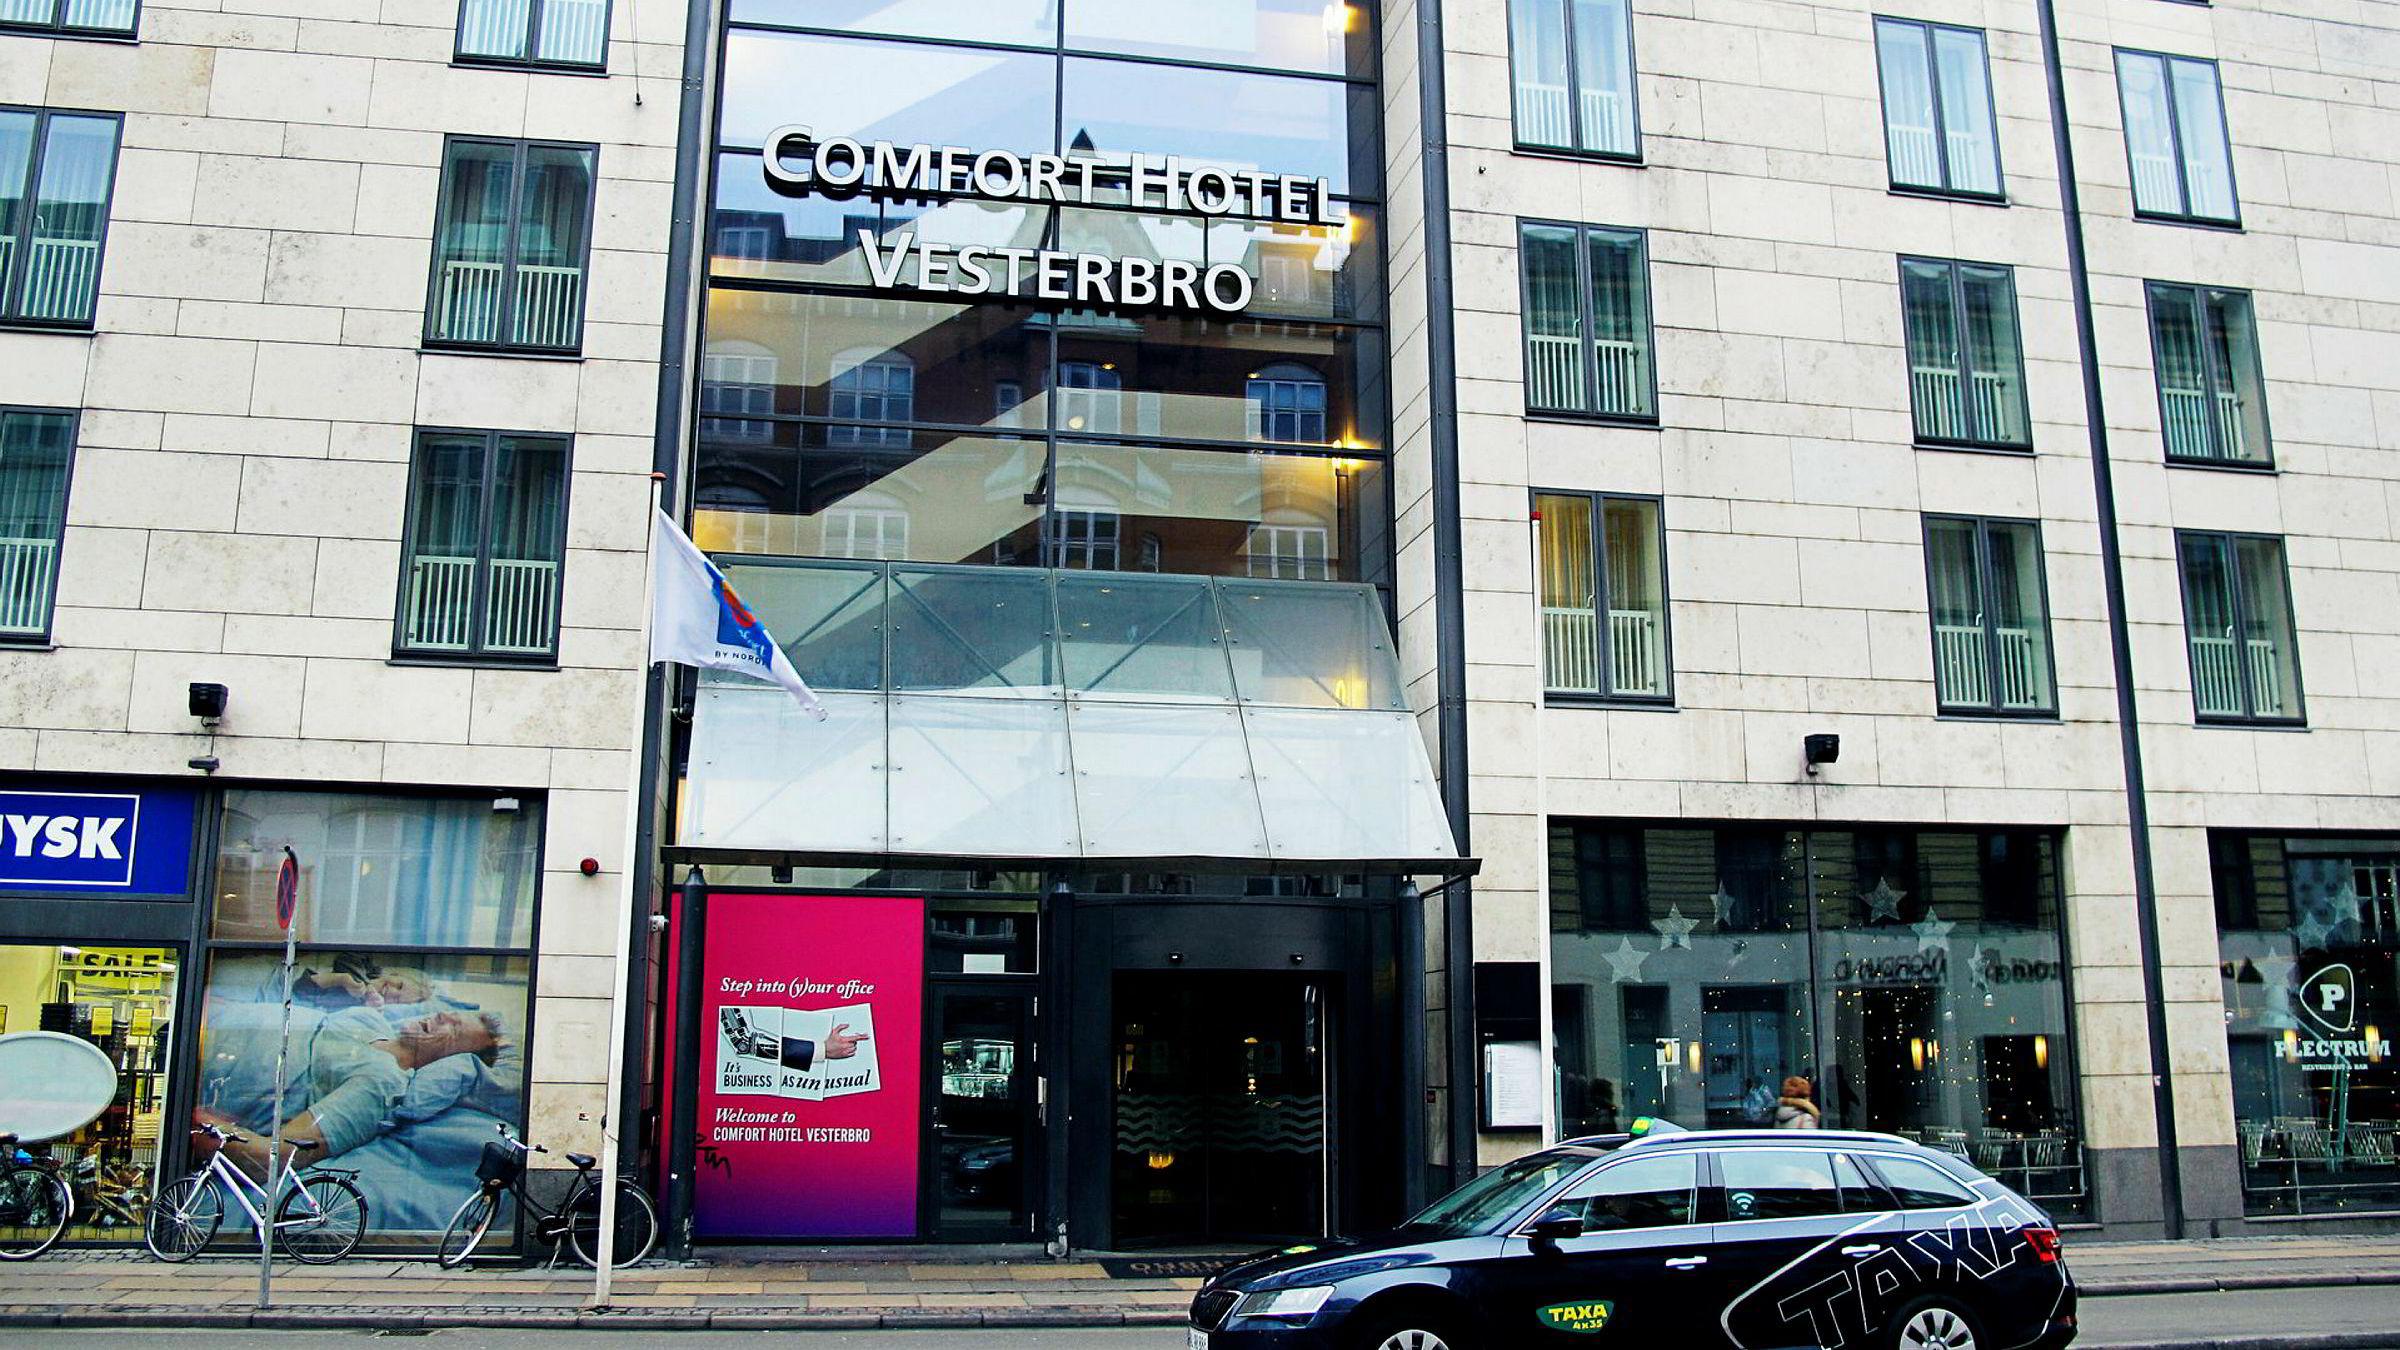 Petter A. Stordalens Comfort-hotell på livlige Vesterbro i København er et økonomihotell helt på det jevne.